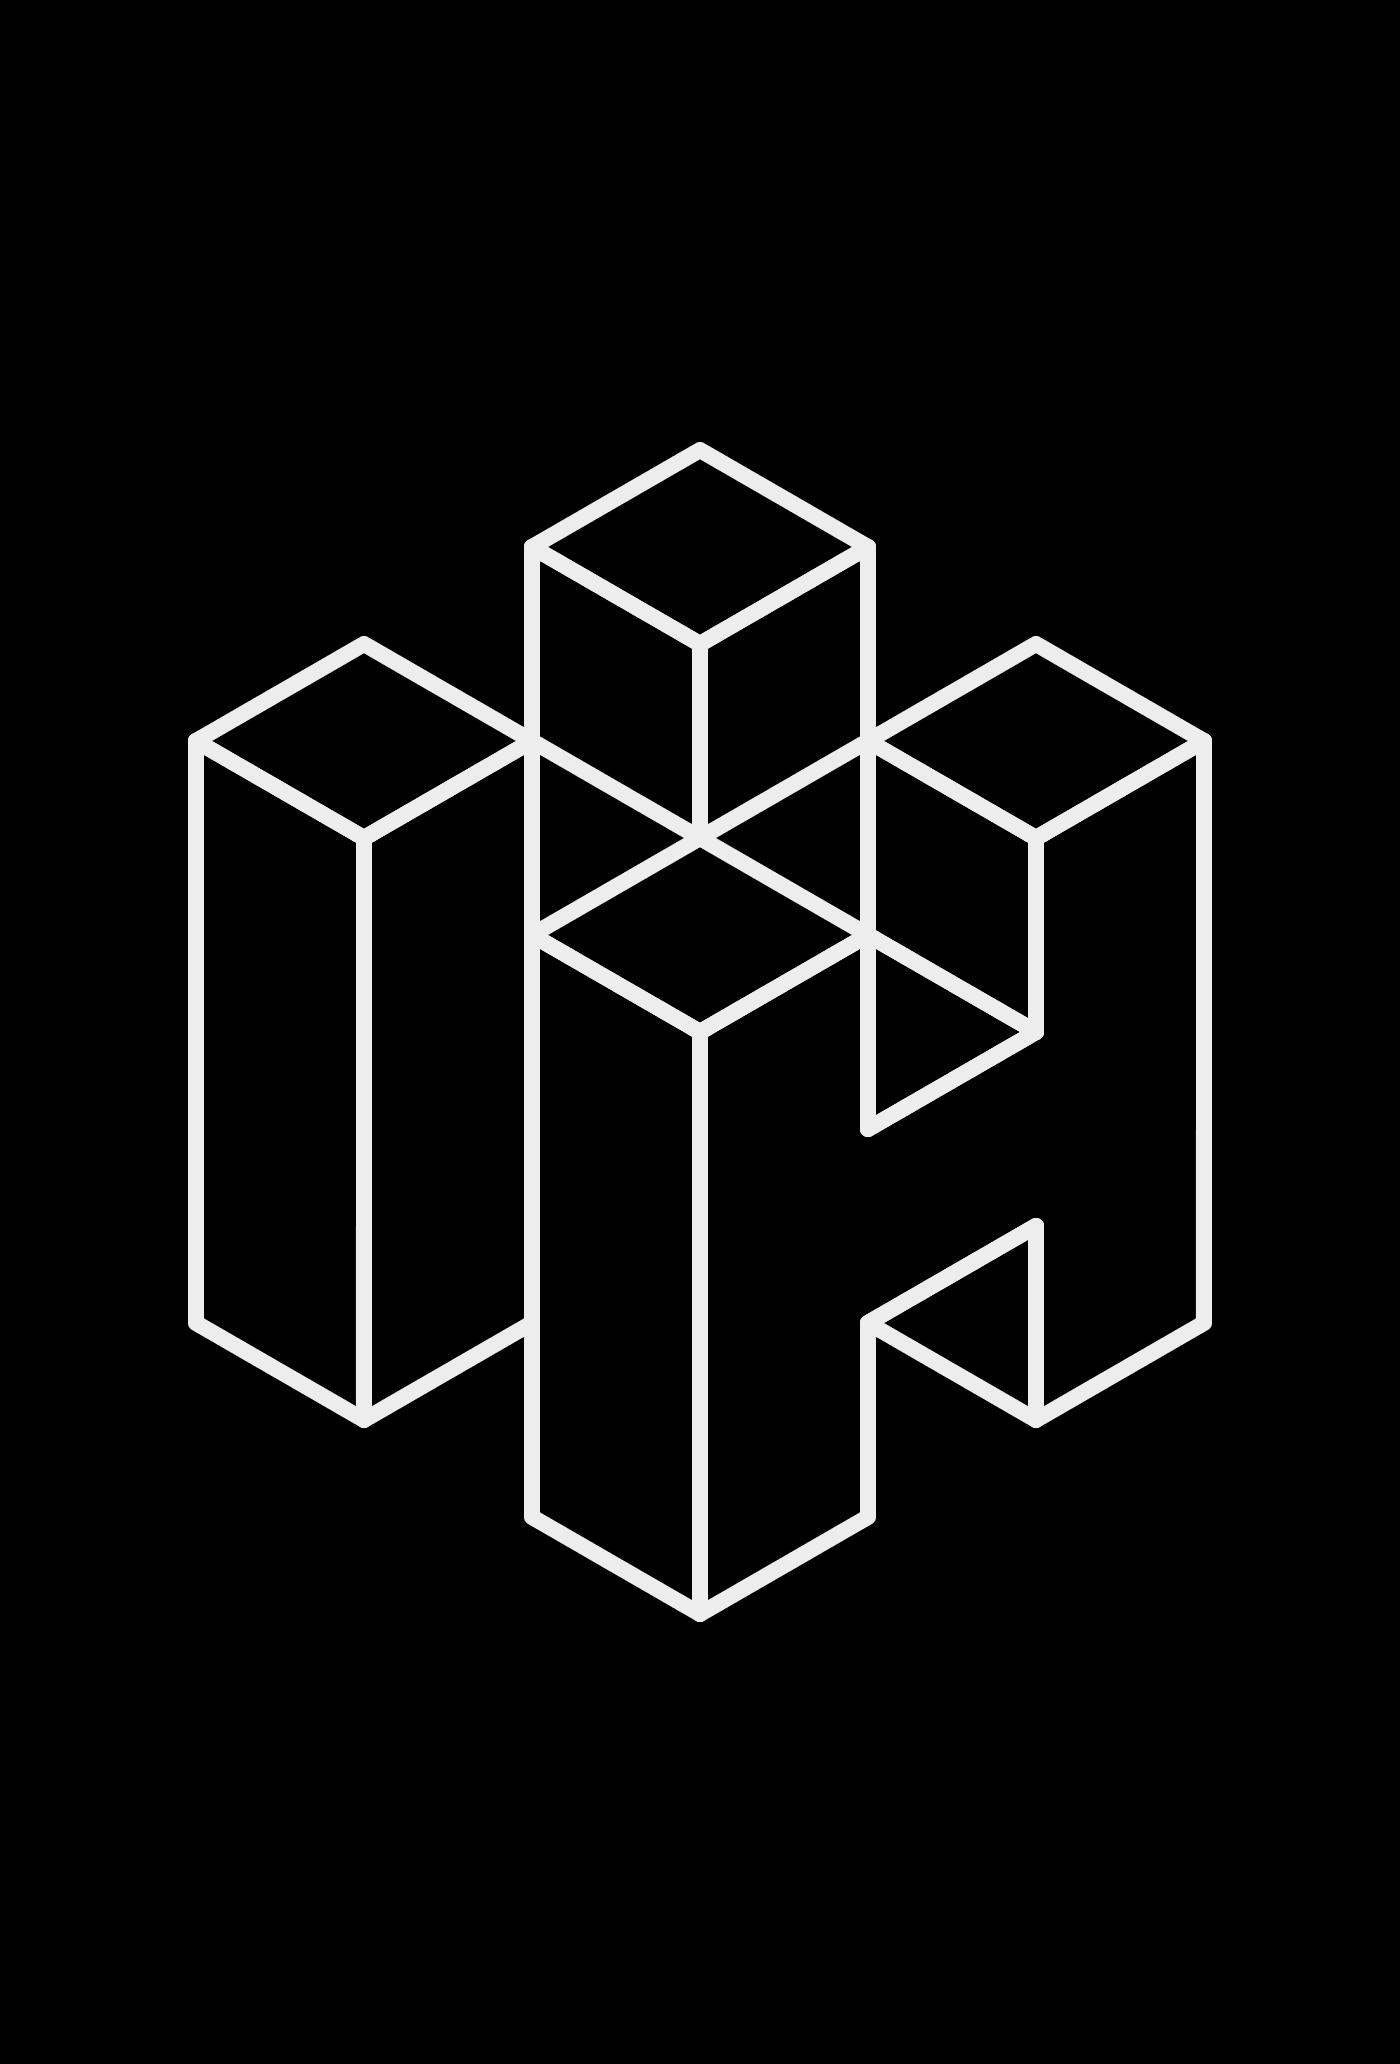 BrunoSilva-Logos-004